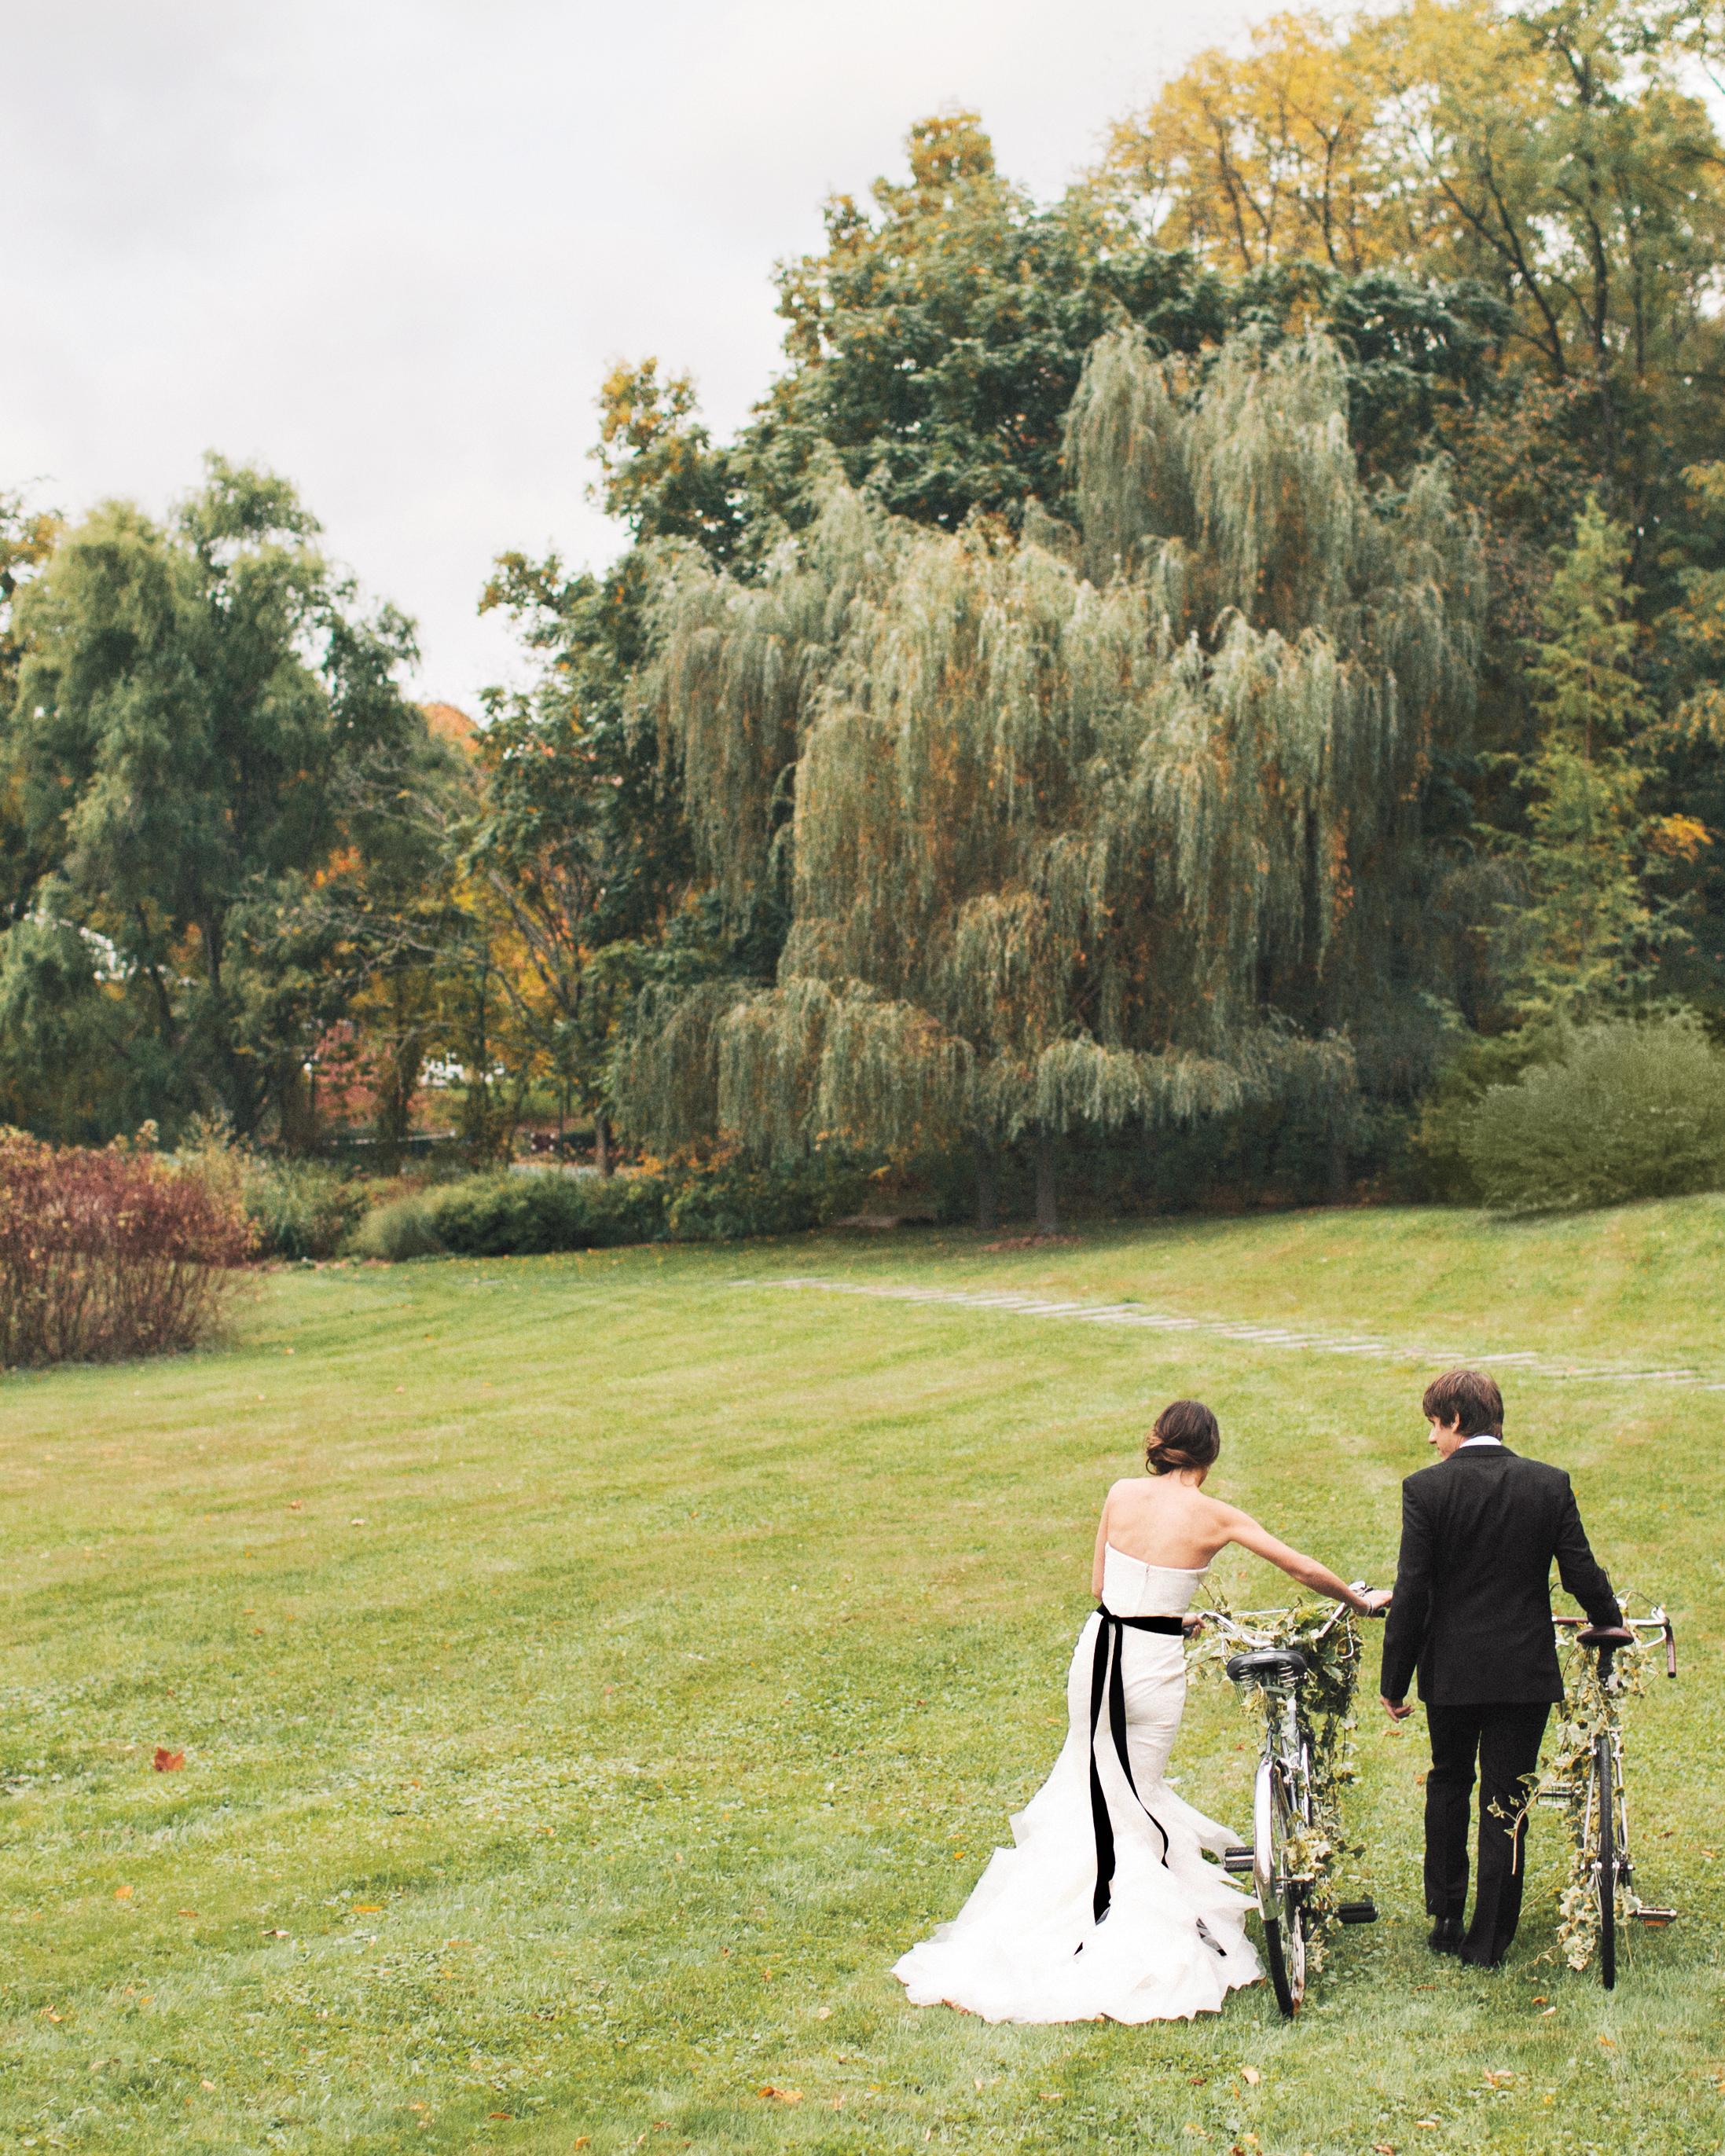 lr-chelsa-dennis-wed-bride-groom-bike-494-ds111142.jpg